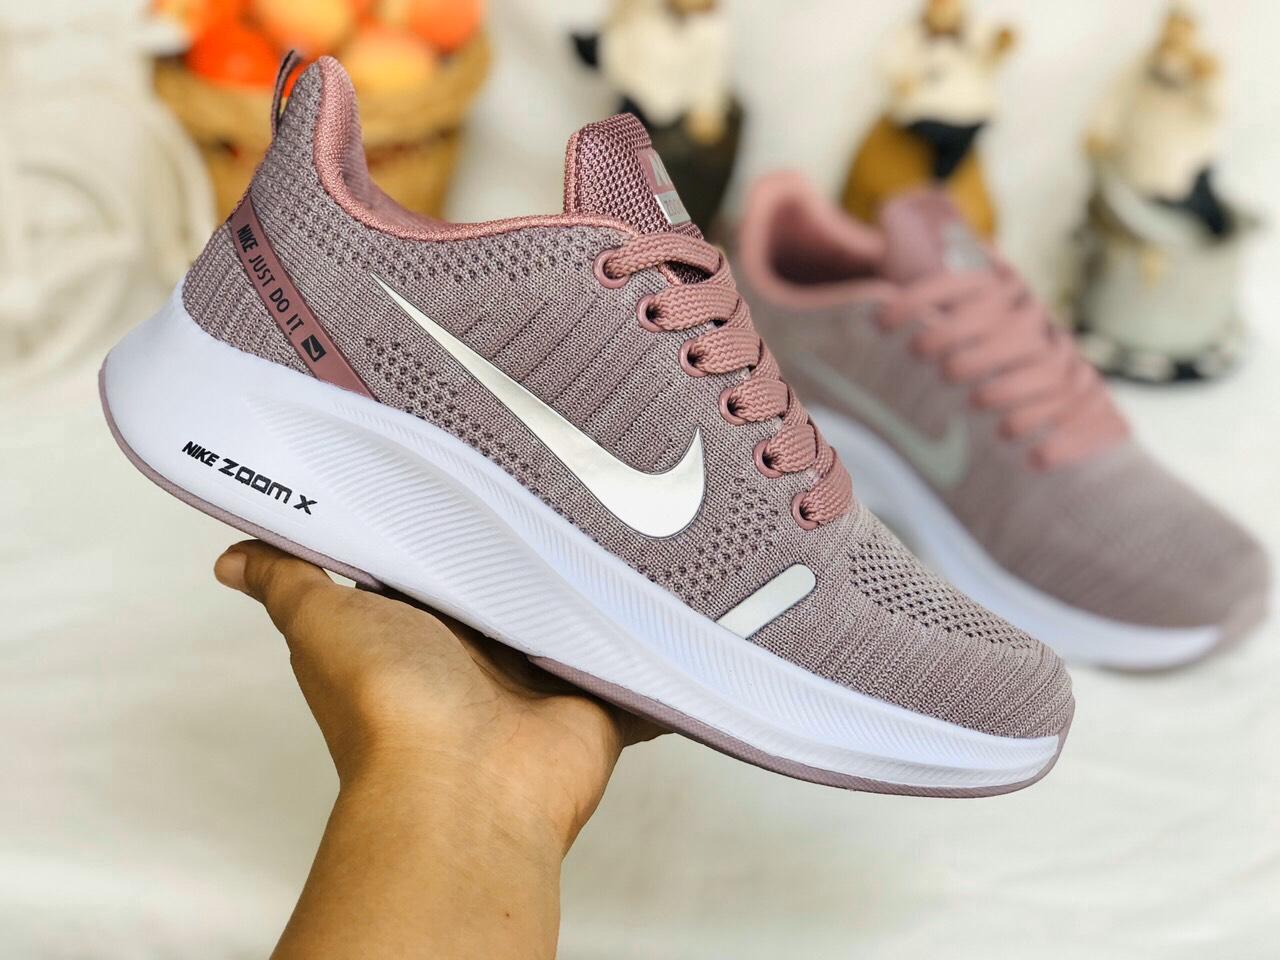 Giày Nike Zoom nữ X01 màu hồng